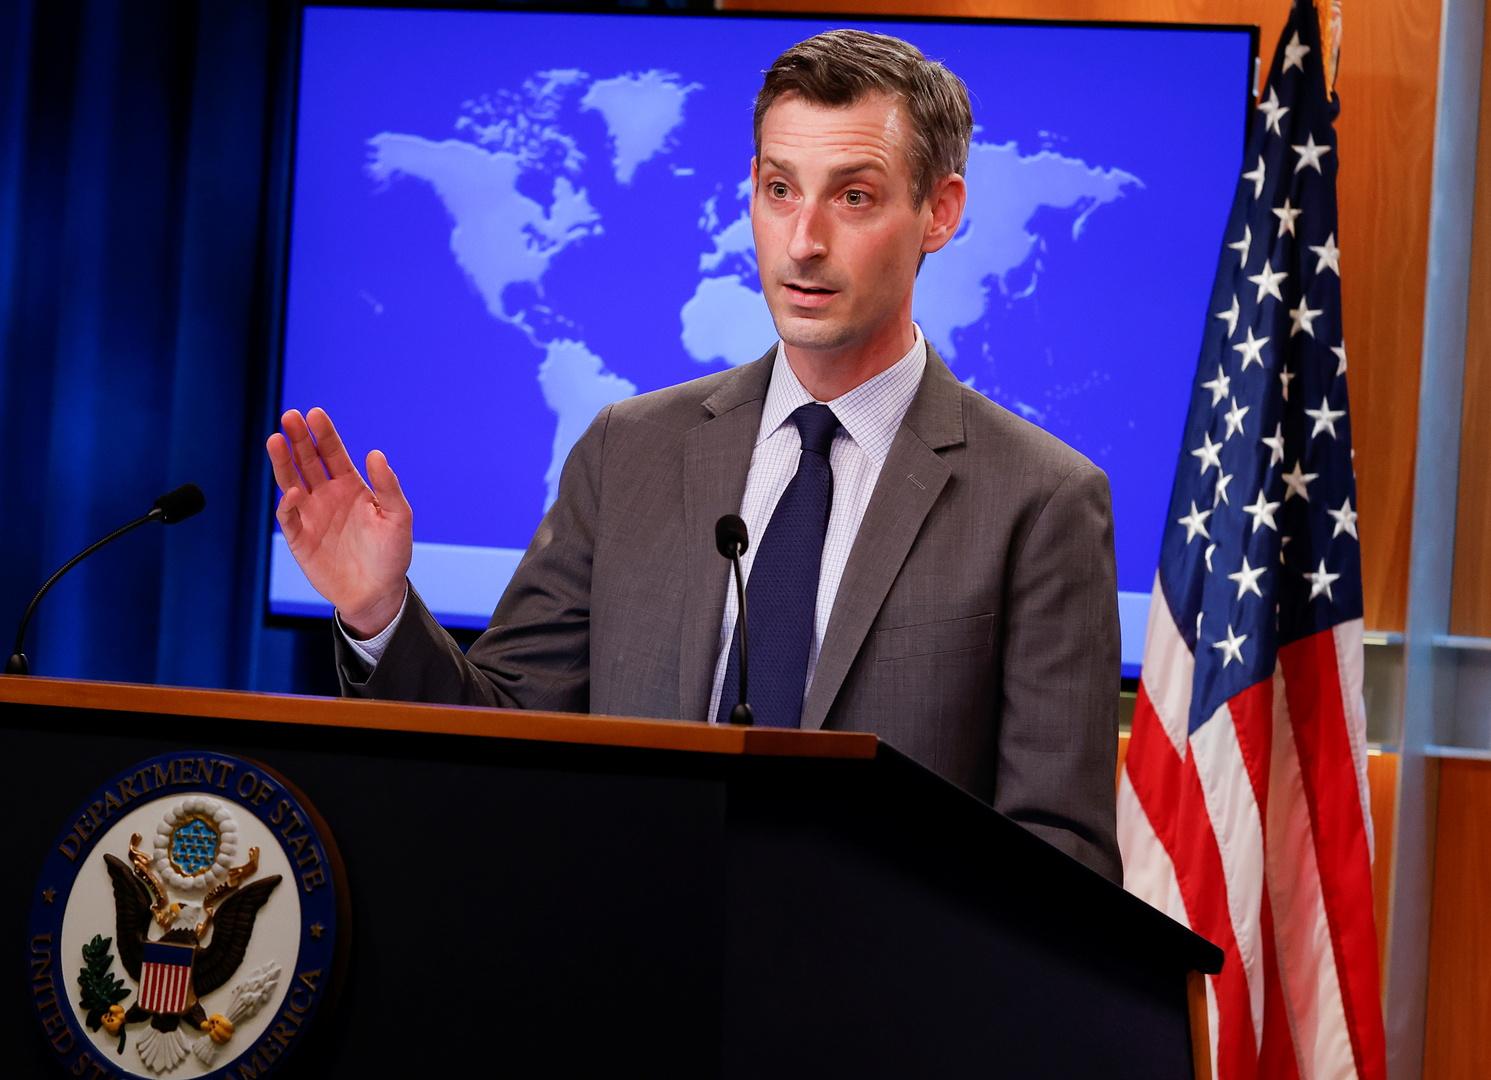 واشنطن لا تستبعد تخفيف العقوبات عن إيران